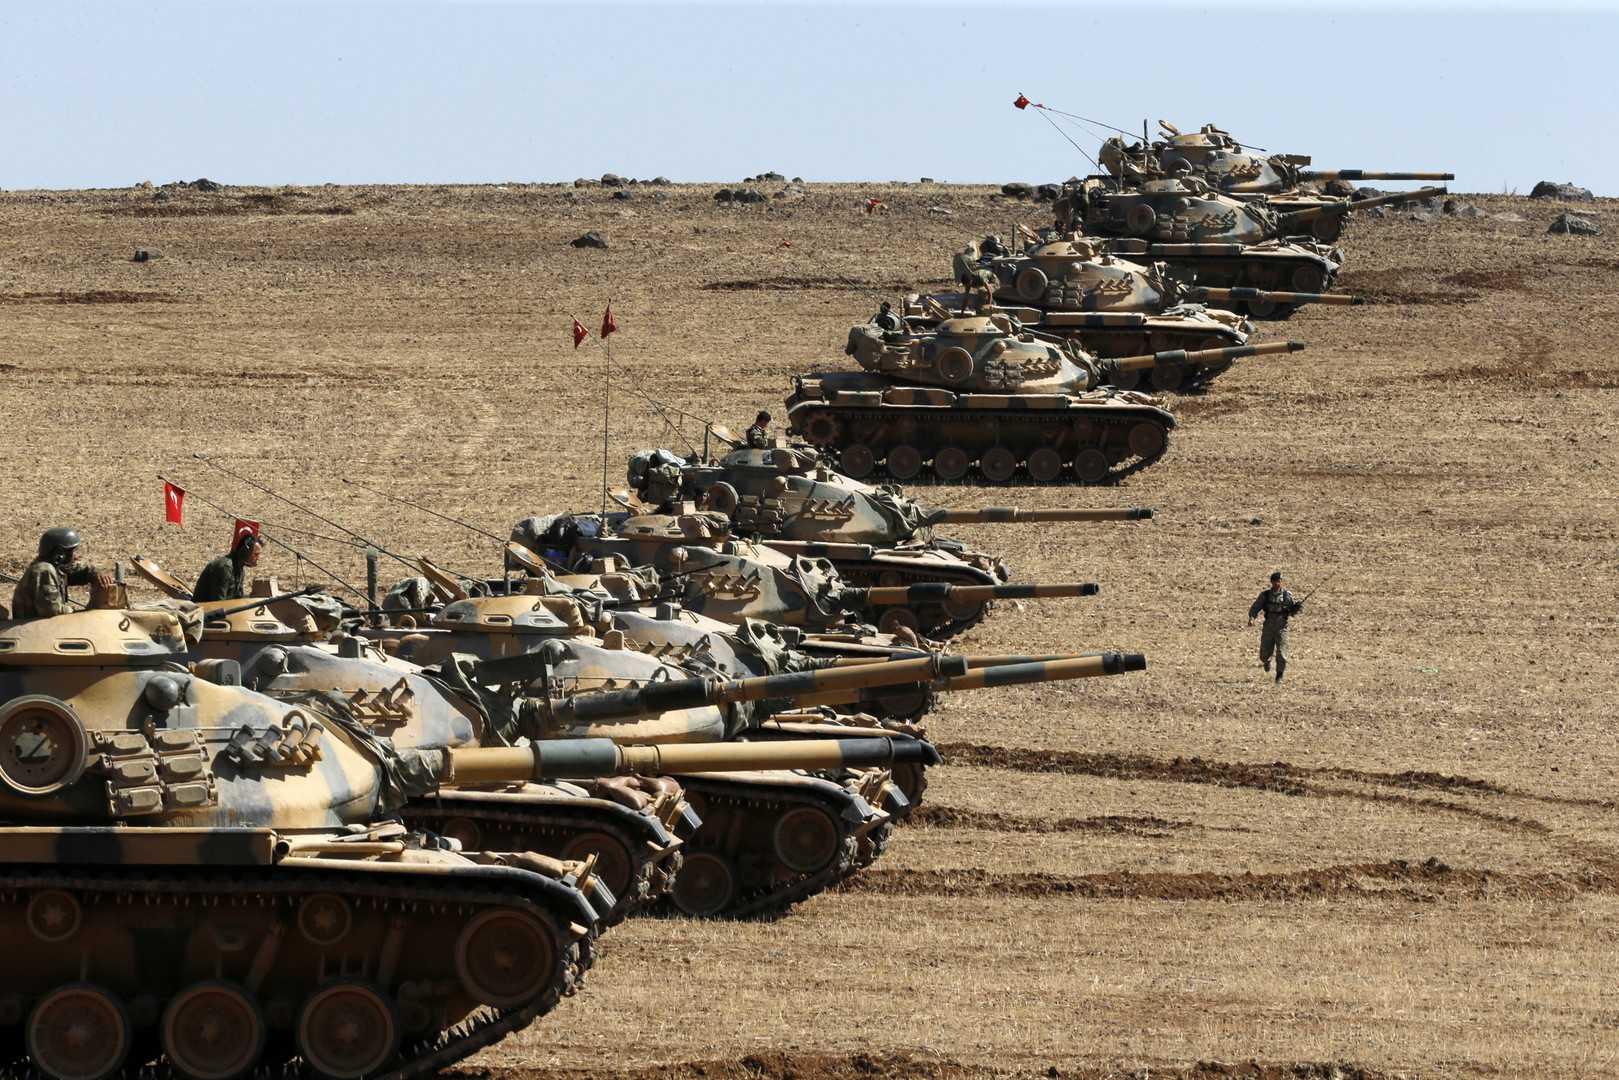 الأمن النيابية: أي تحرك تركي دون التنسيق مع العراق يعد خرقا للسيادة